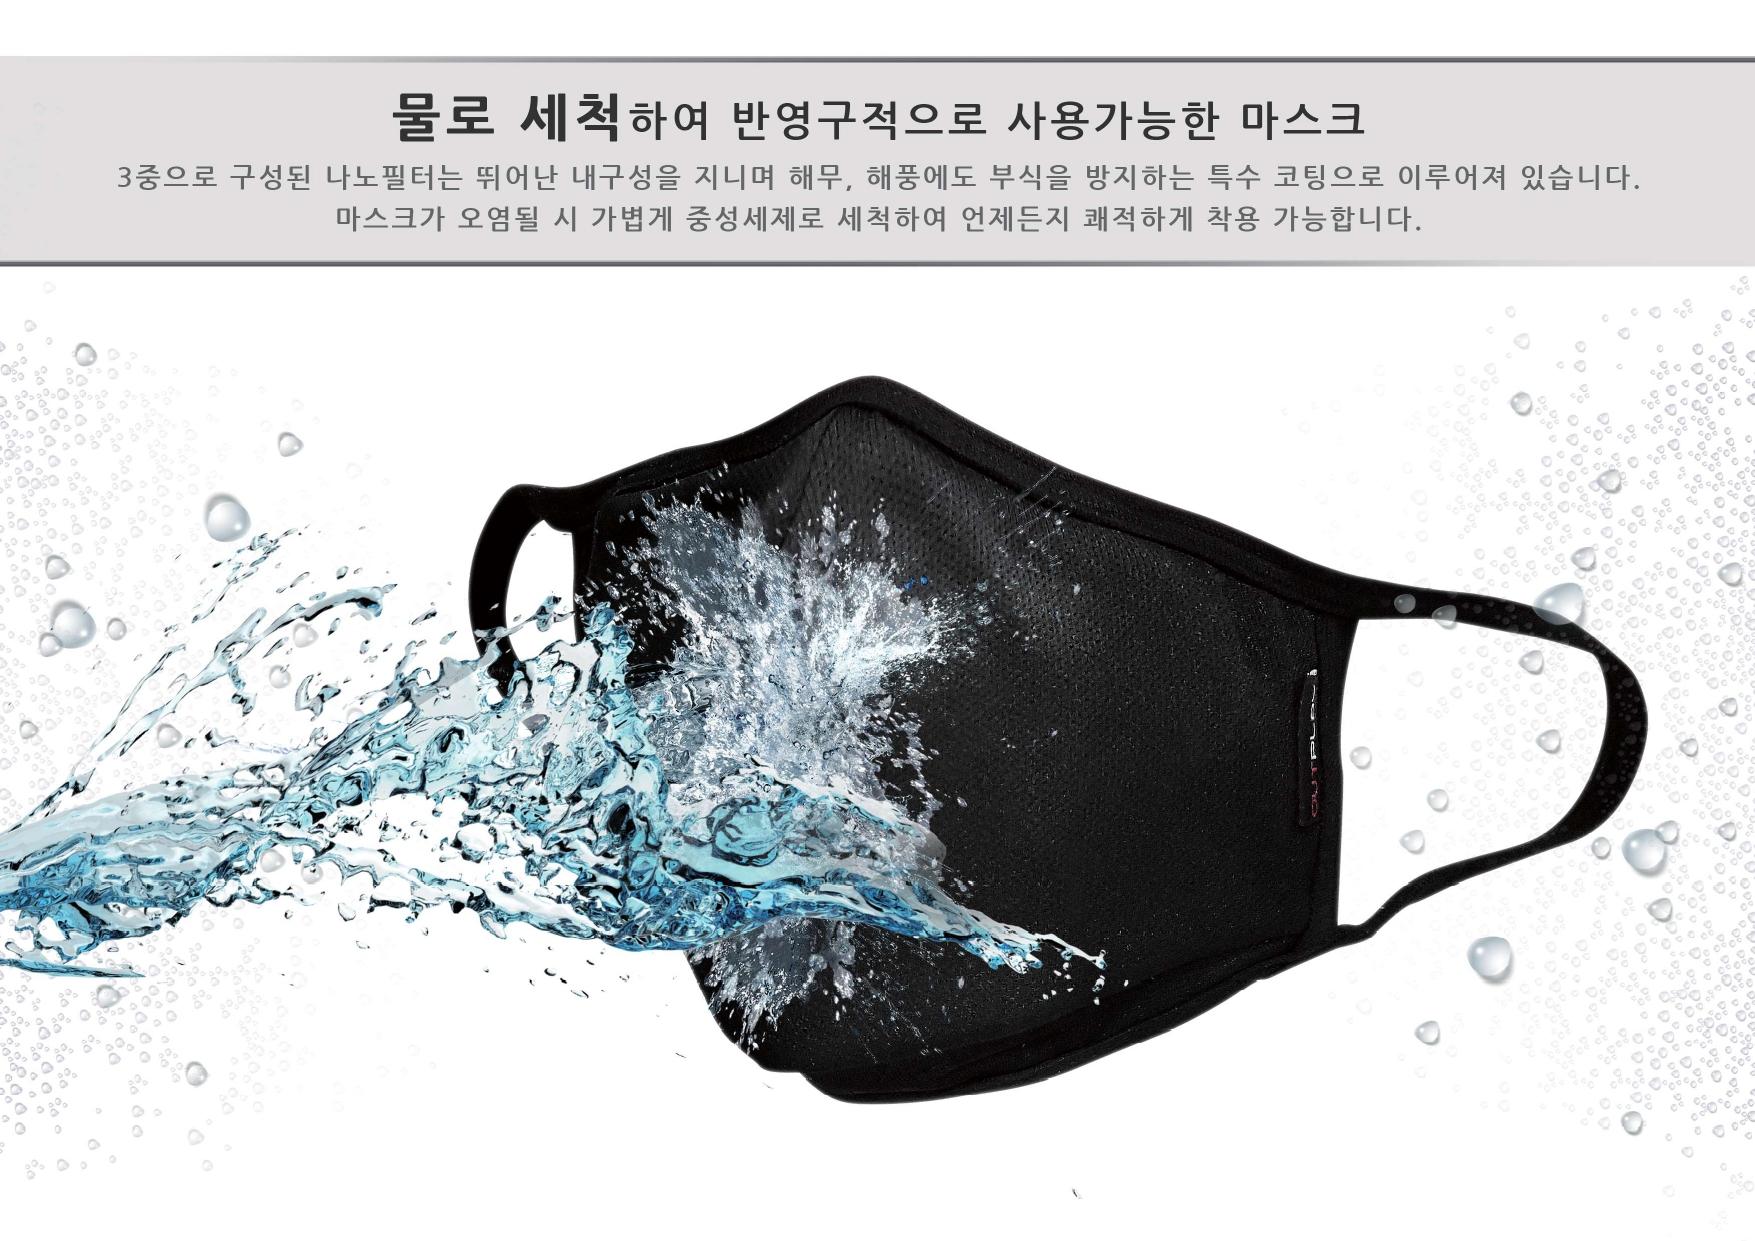 티엔 나노마스크 웰딩형